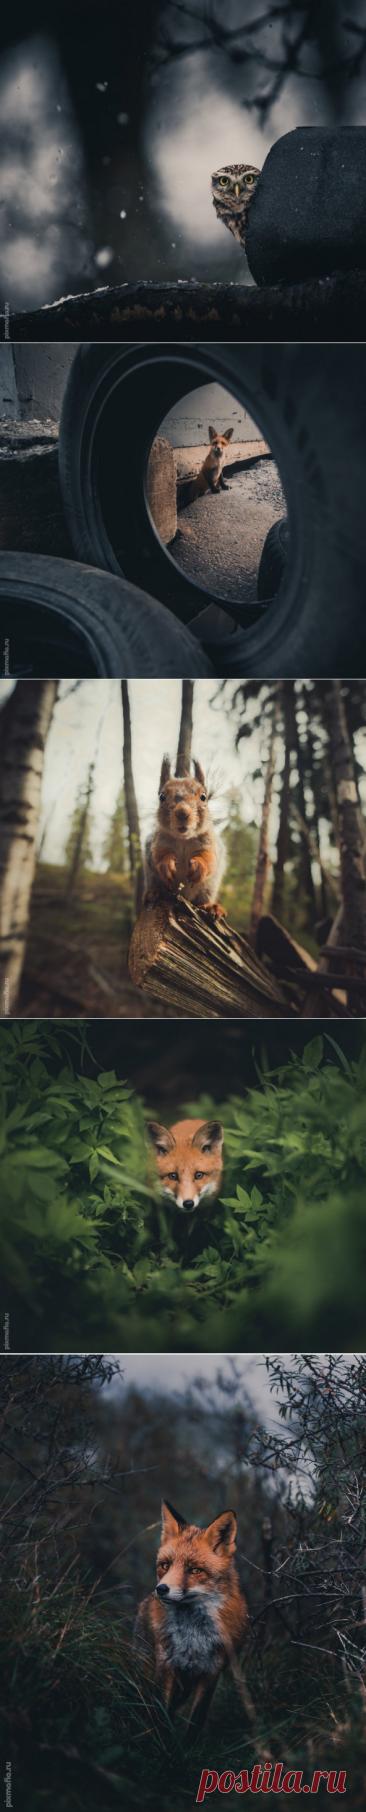 Гармония диких животных и природы в Фотографиях (27 фото)